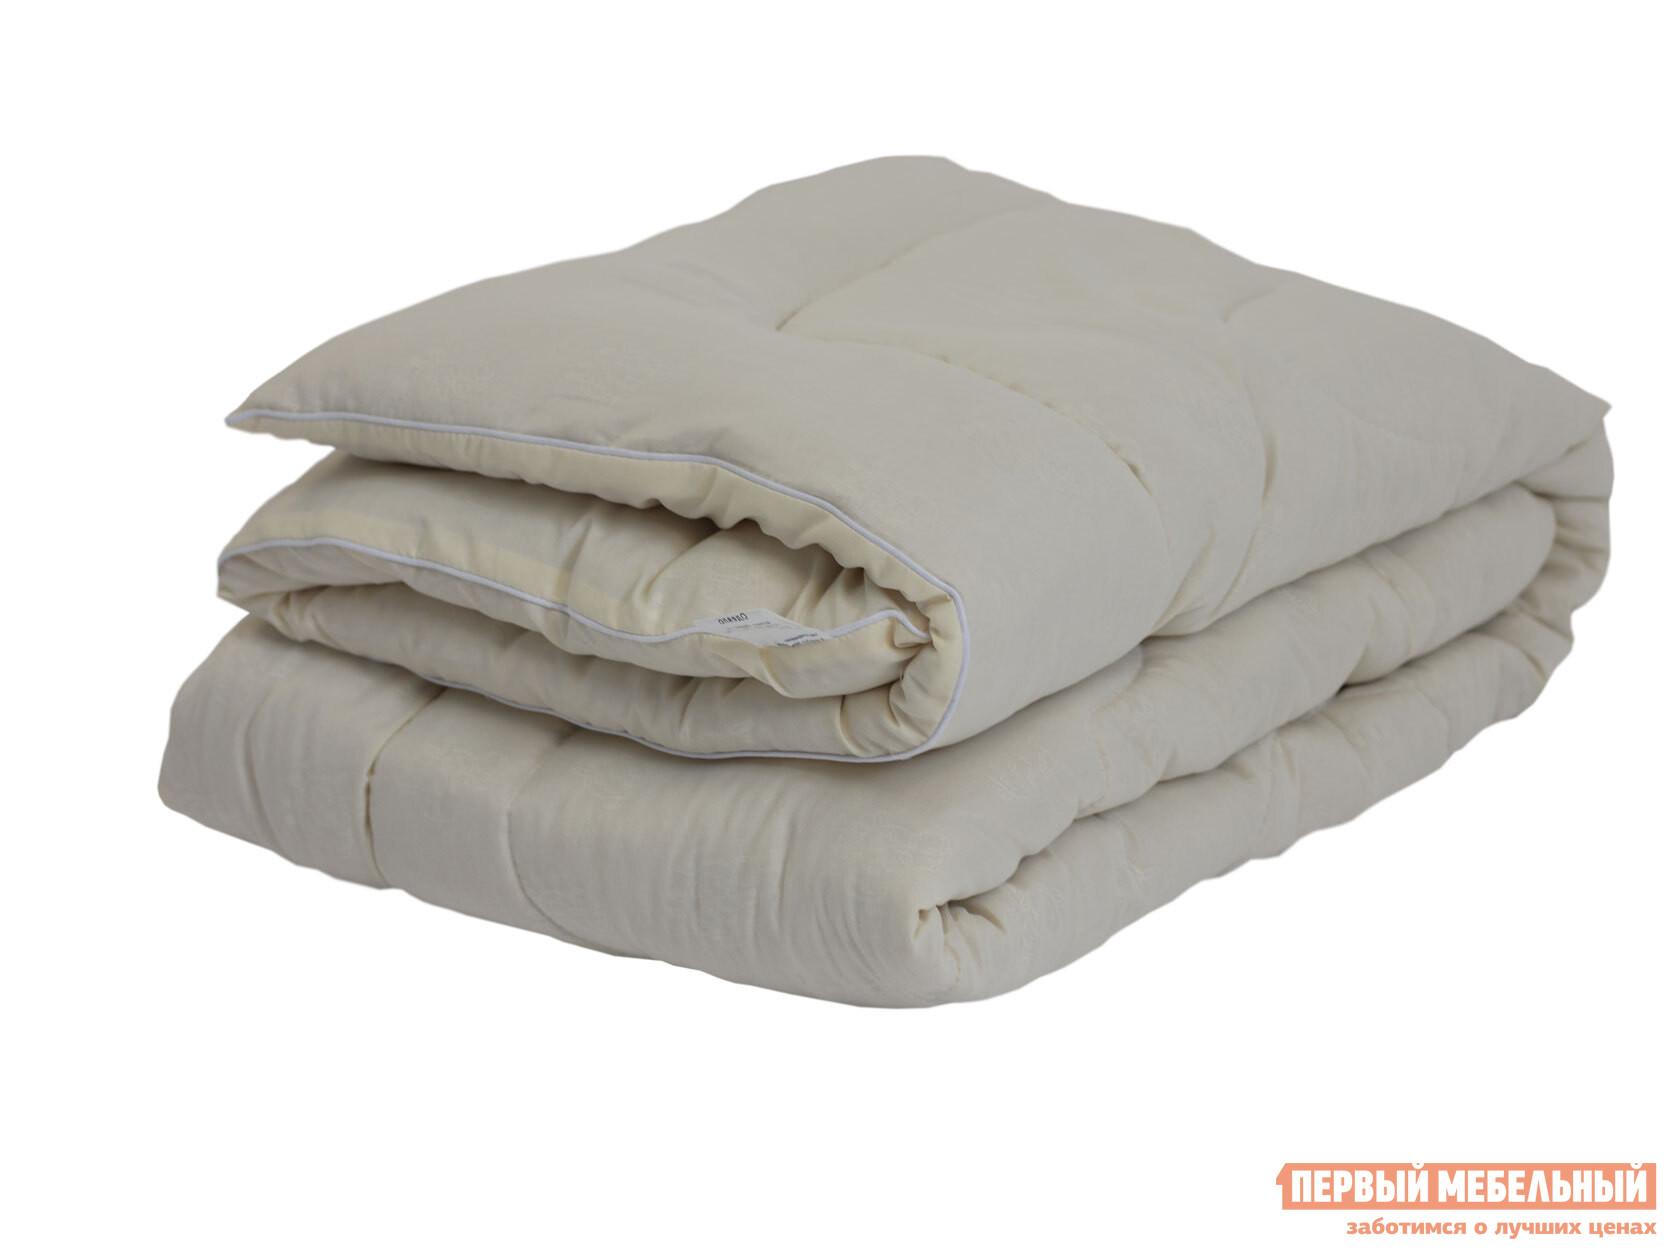 Одеяло Первый Мебельный Одеяло микрофибра/шерсть овечья 300 г/м2, всесезонное одеяло облегченное iv20338 овечья шерсть микрофибра 1 5 спальный 140 205